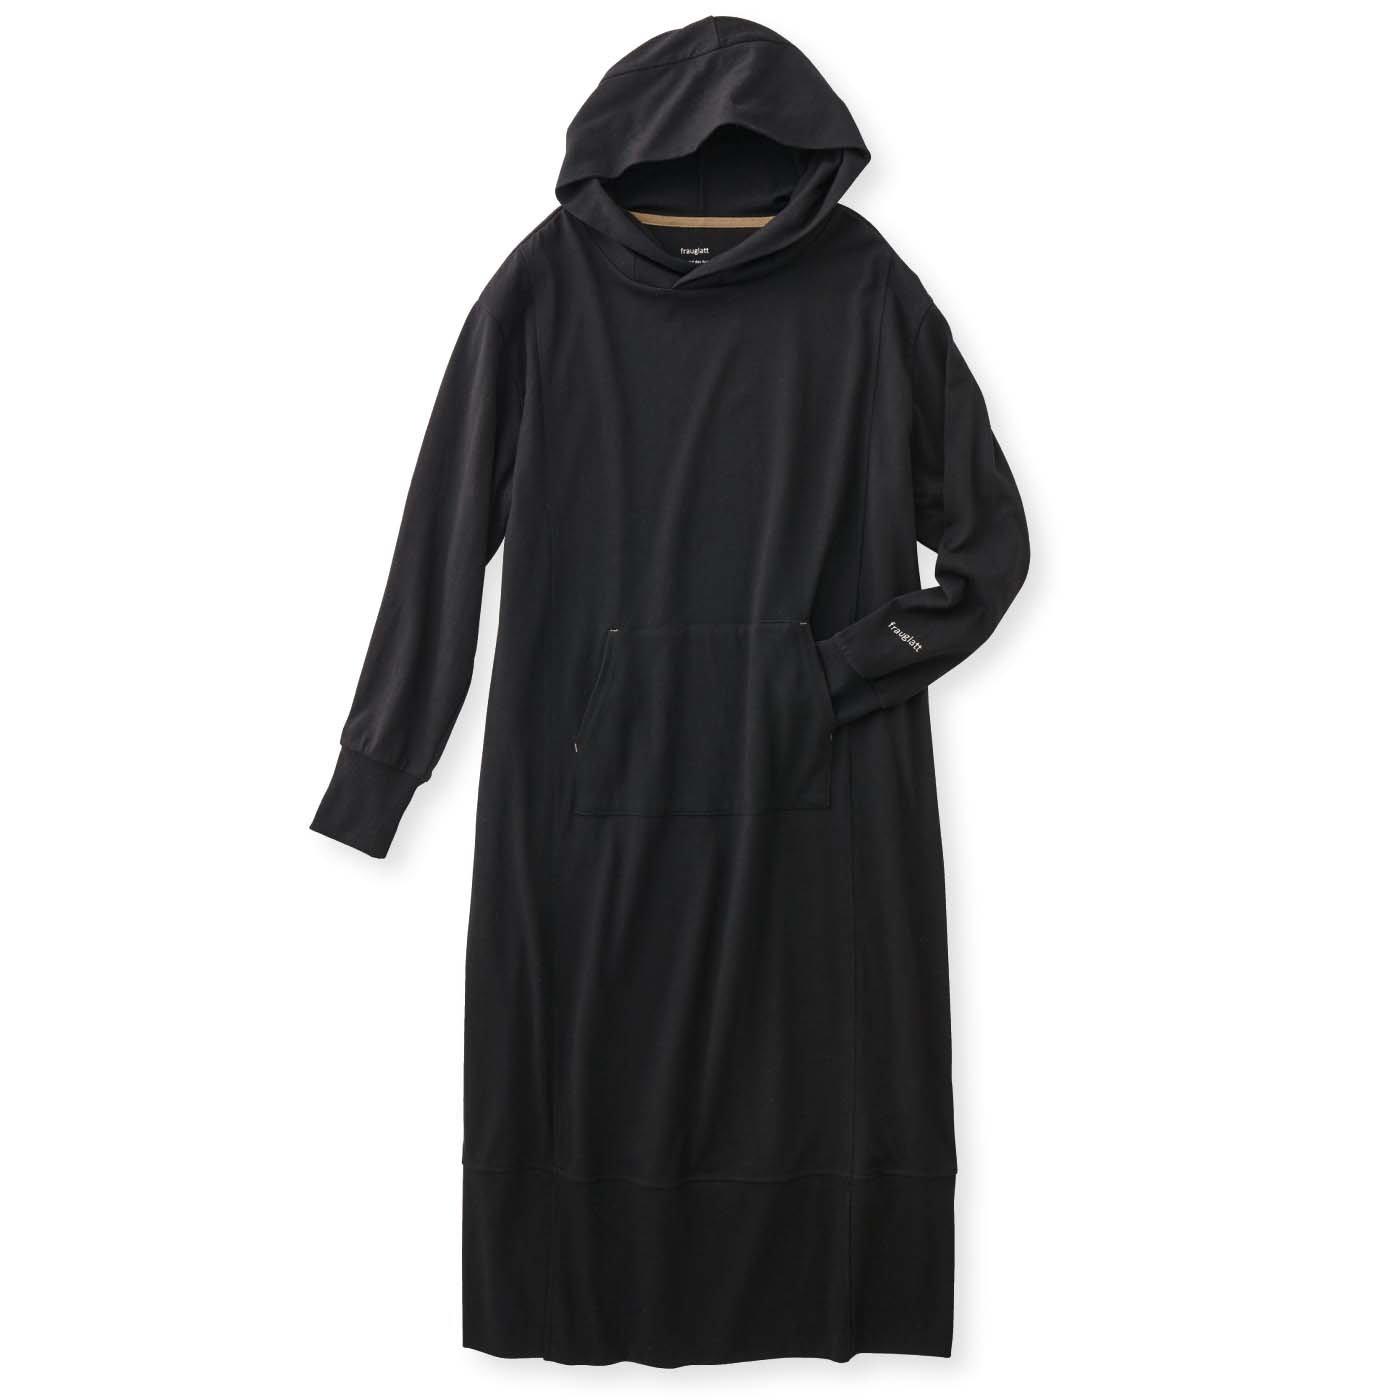 フラウグラット Tシャツ素材で軽くてすっぽり包まれる 大人のロングパーカーワンピース〈吸水速乾〉〈ブラック〉